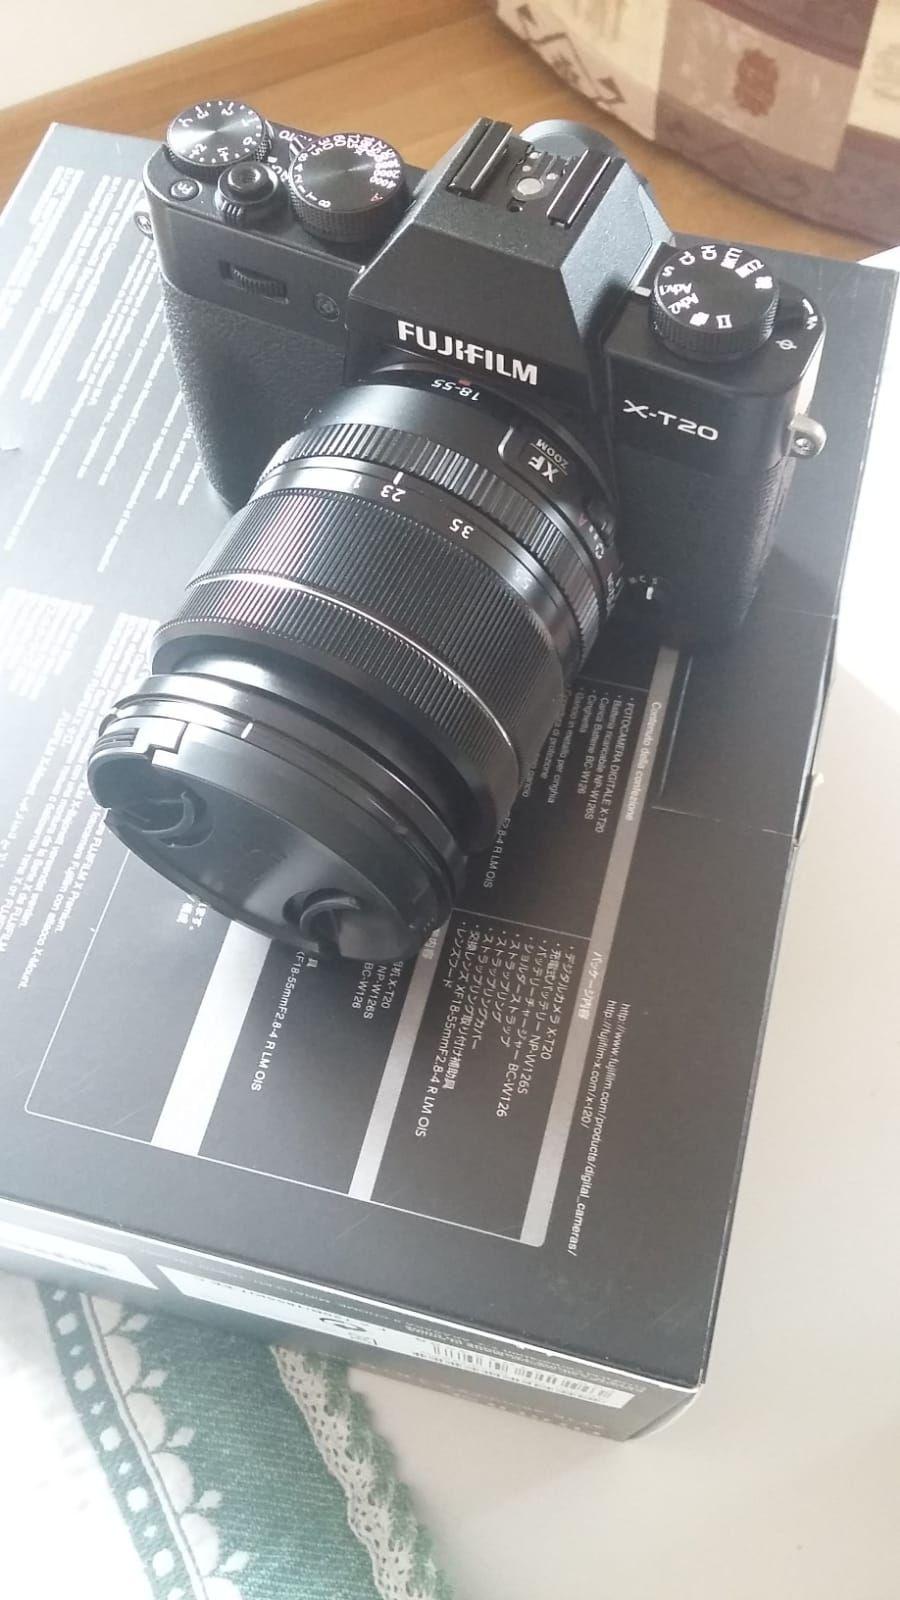 X-T20 Nero + XF 18-55mm f/2.8-4 R LM OIS Fujinon Nero